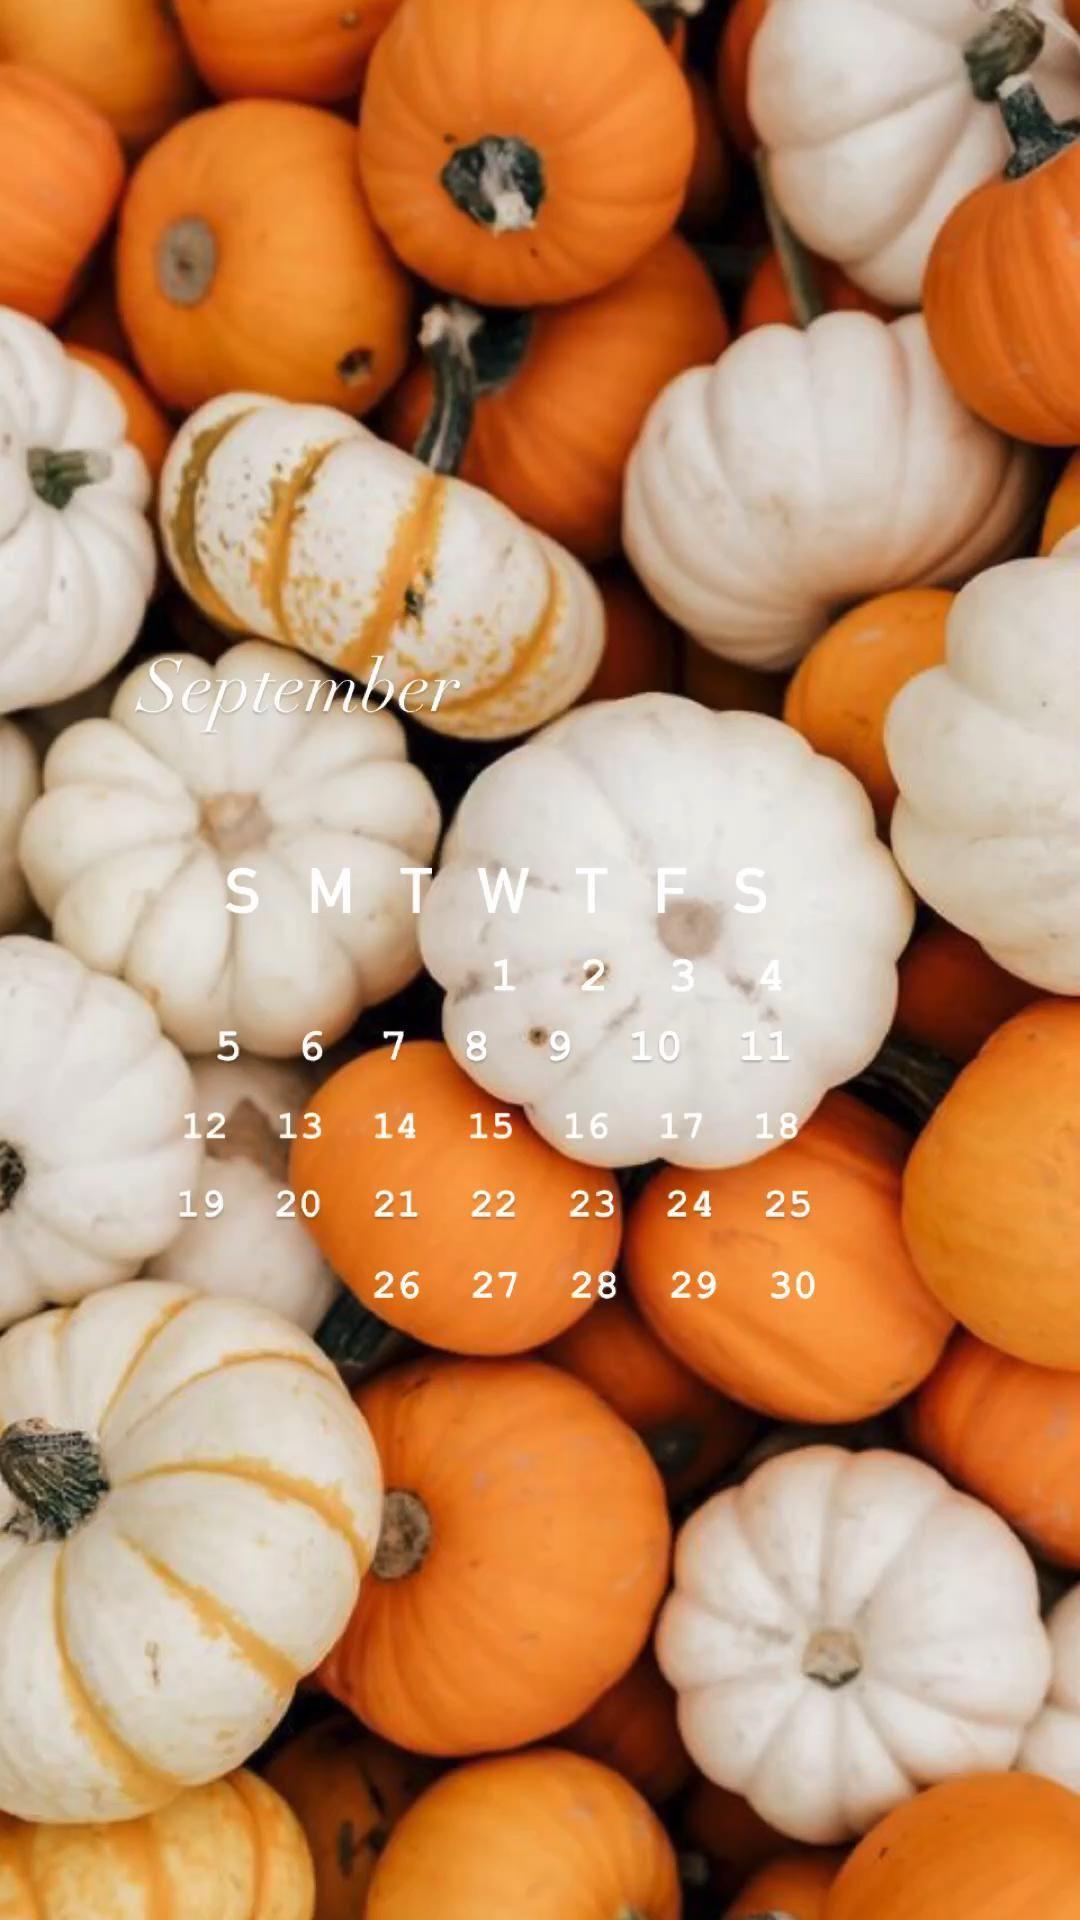 #september